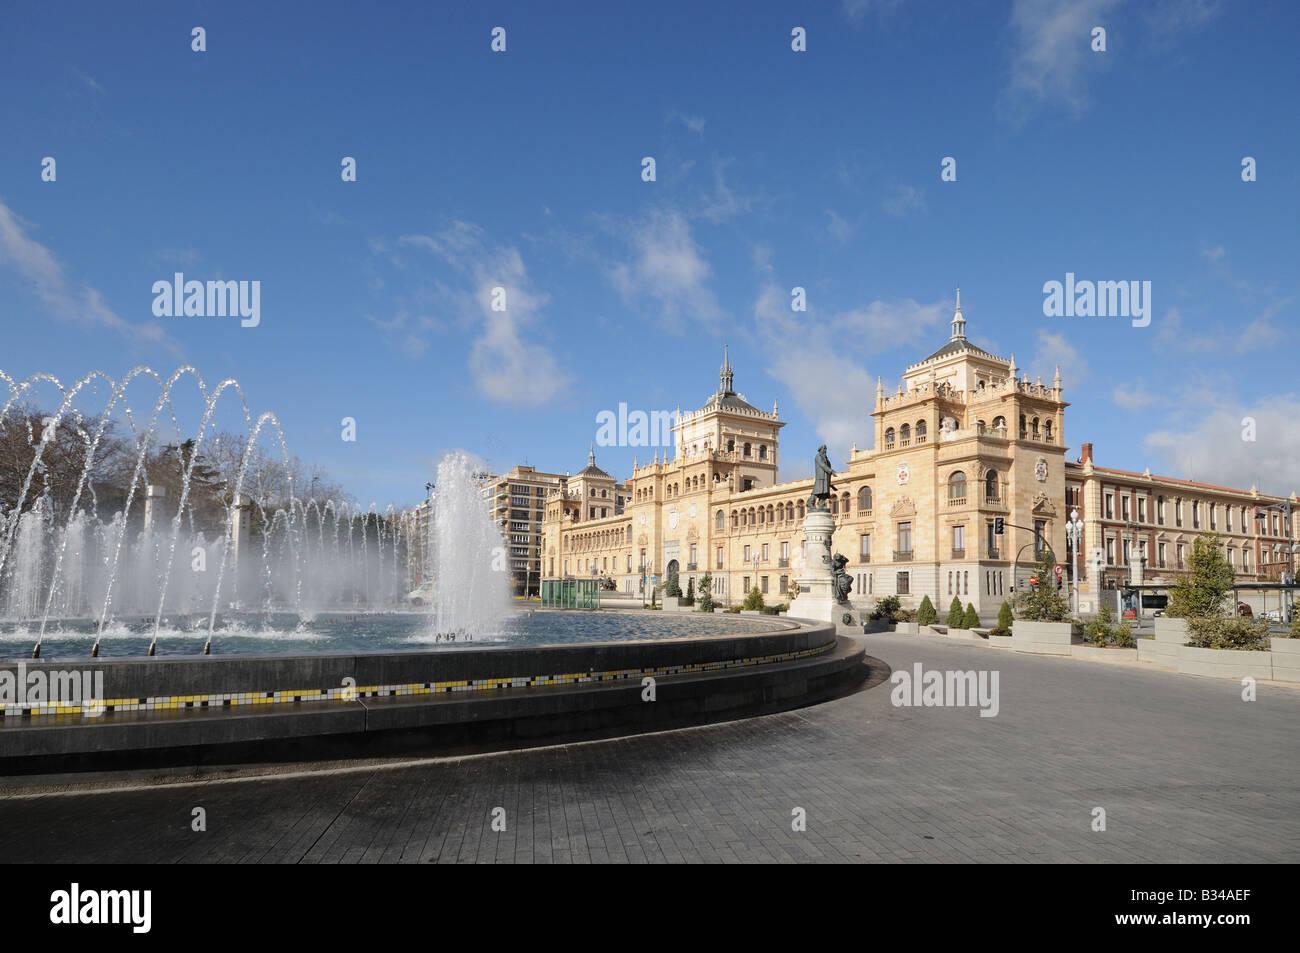 Plaza Zorrilla Valladolid Spain with fountains and statue of José Zorrilla with the Academia del Arma de Caballería - Stock Image